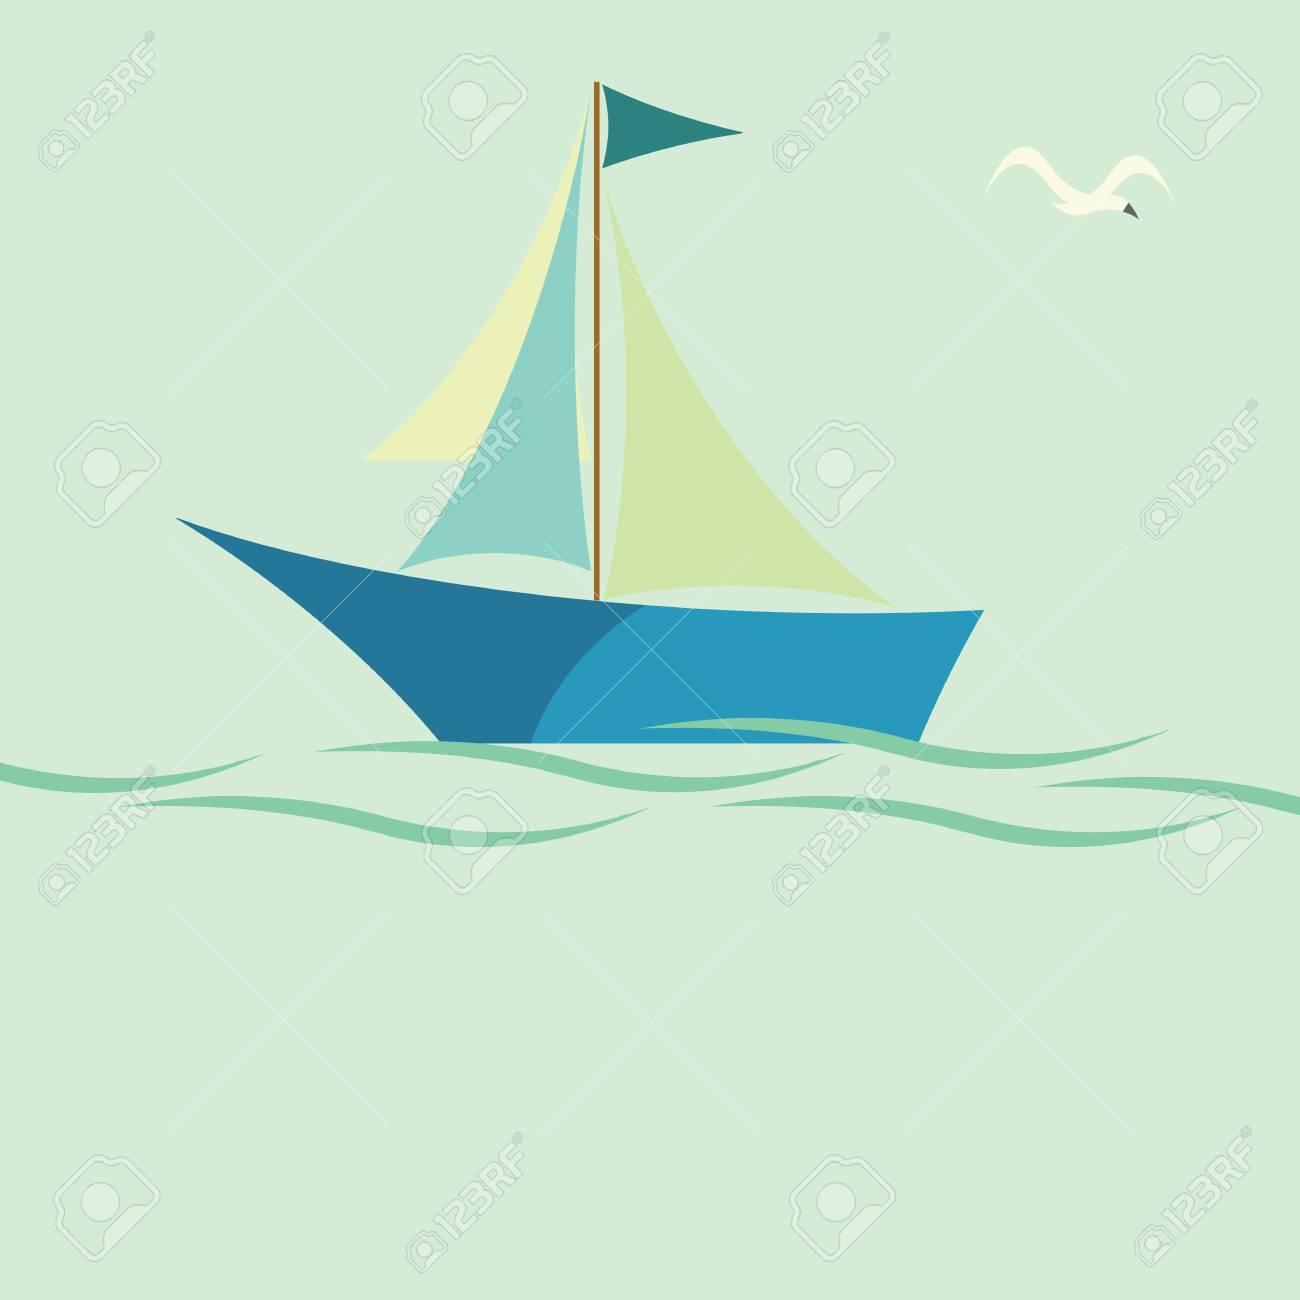 Sailing boat Stock Vector - 13855417